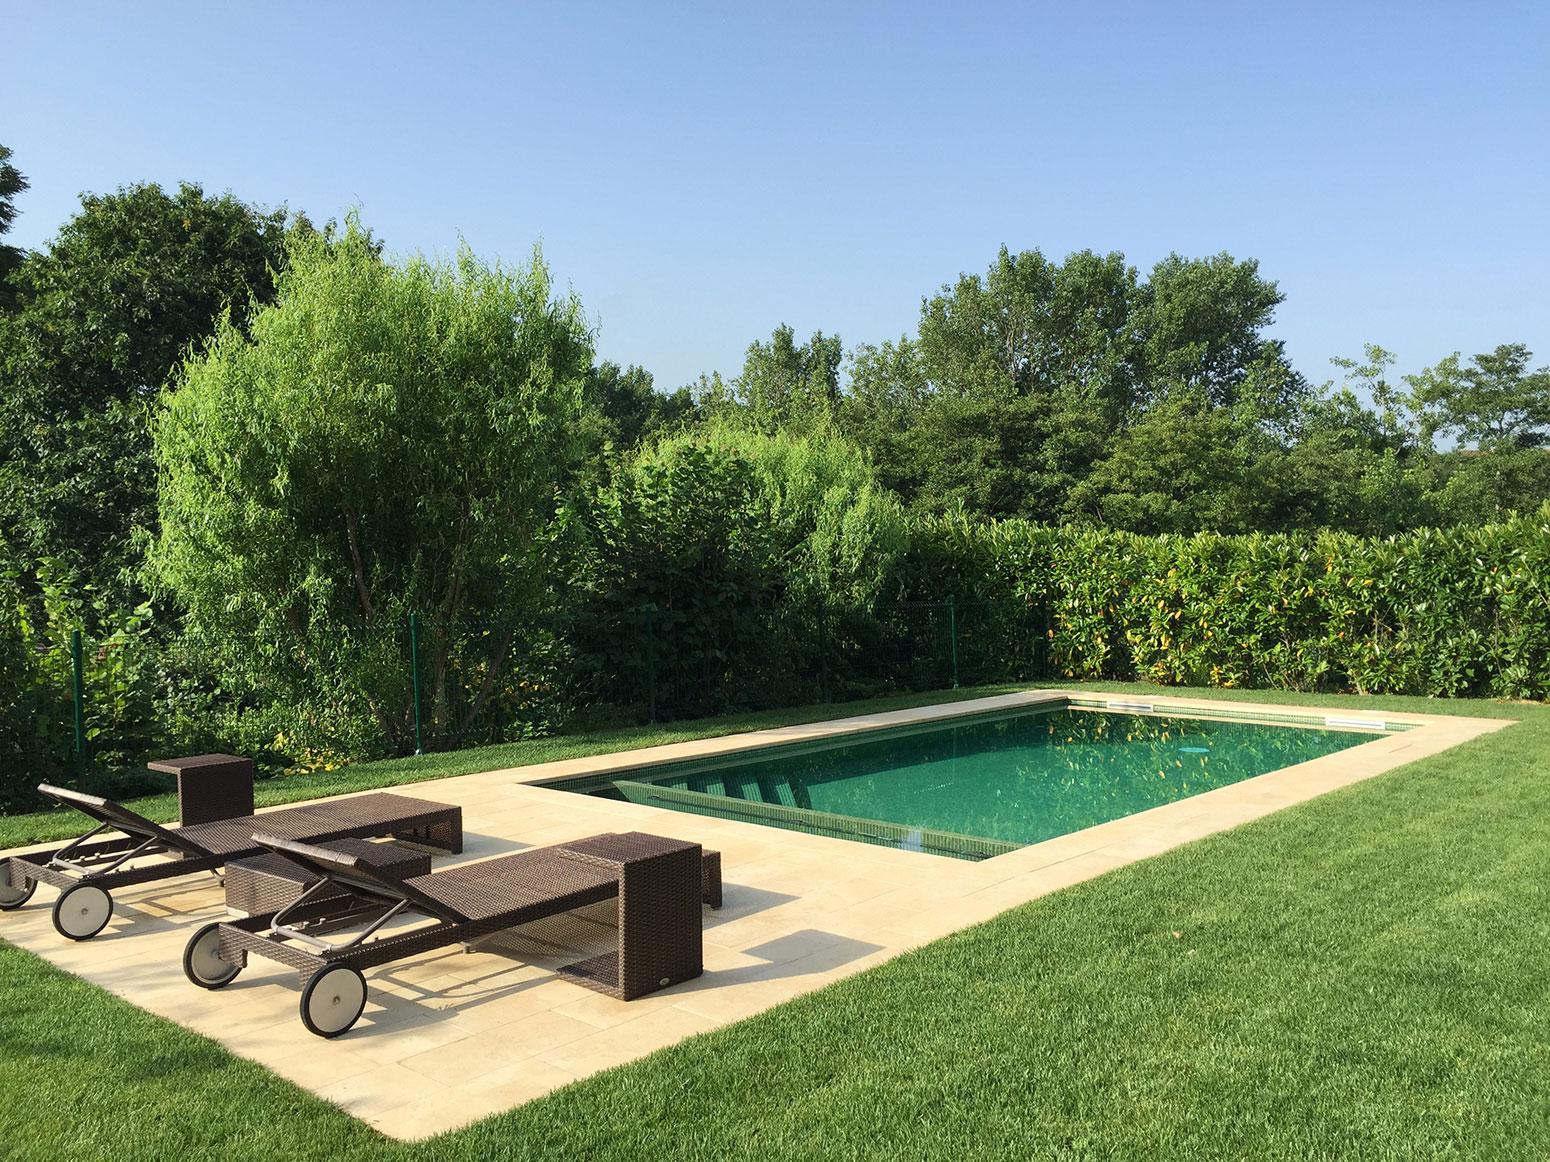 Las mejores tendencias en construcci n de piscinas 2017 for Construccion piscinas madrid